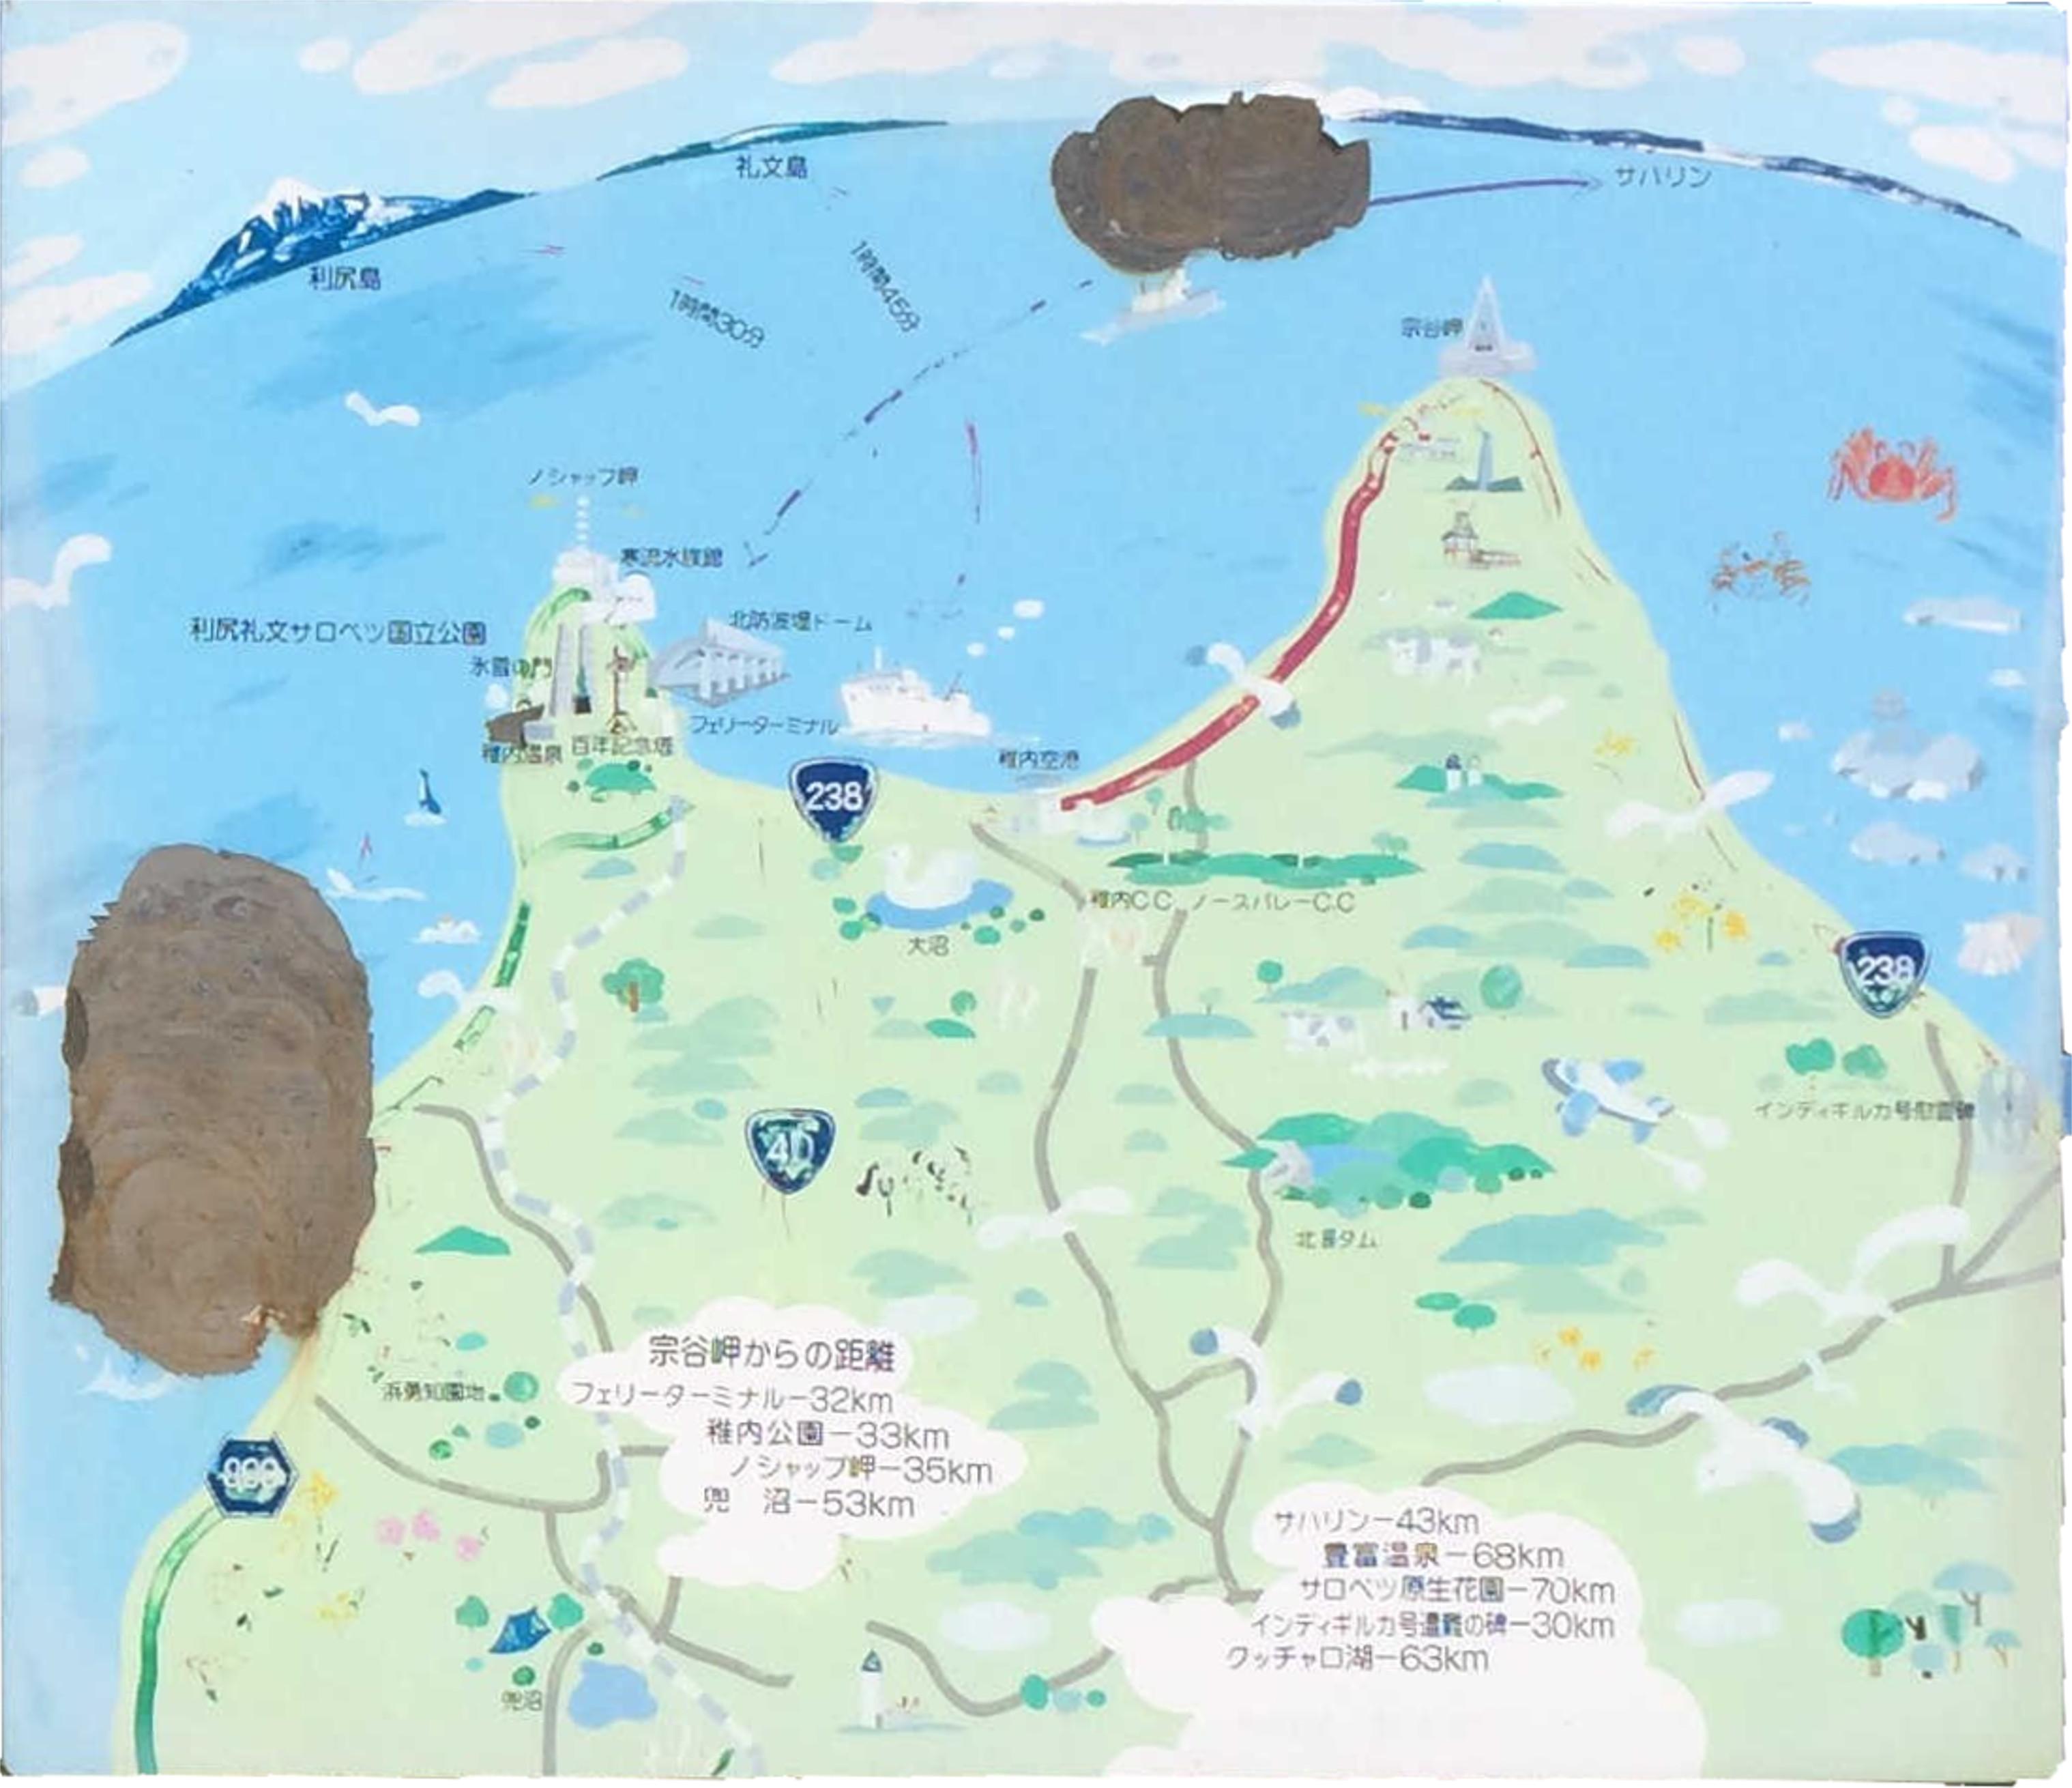 宗谷岬案内図(右)